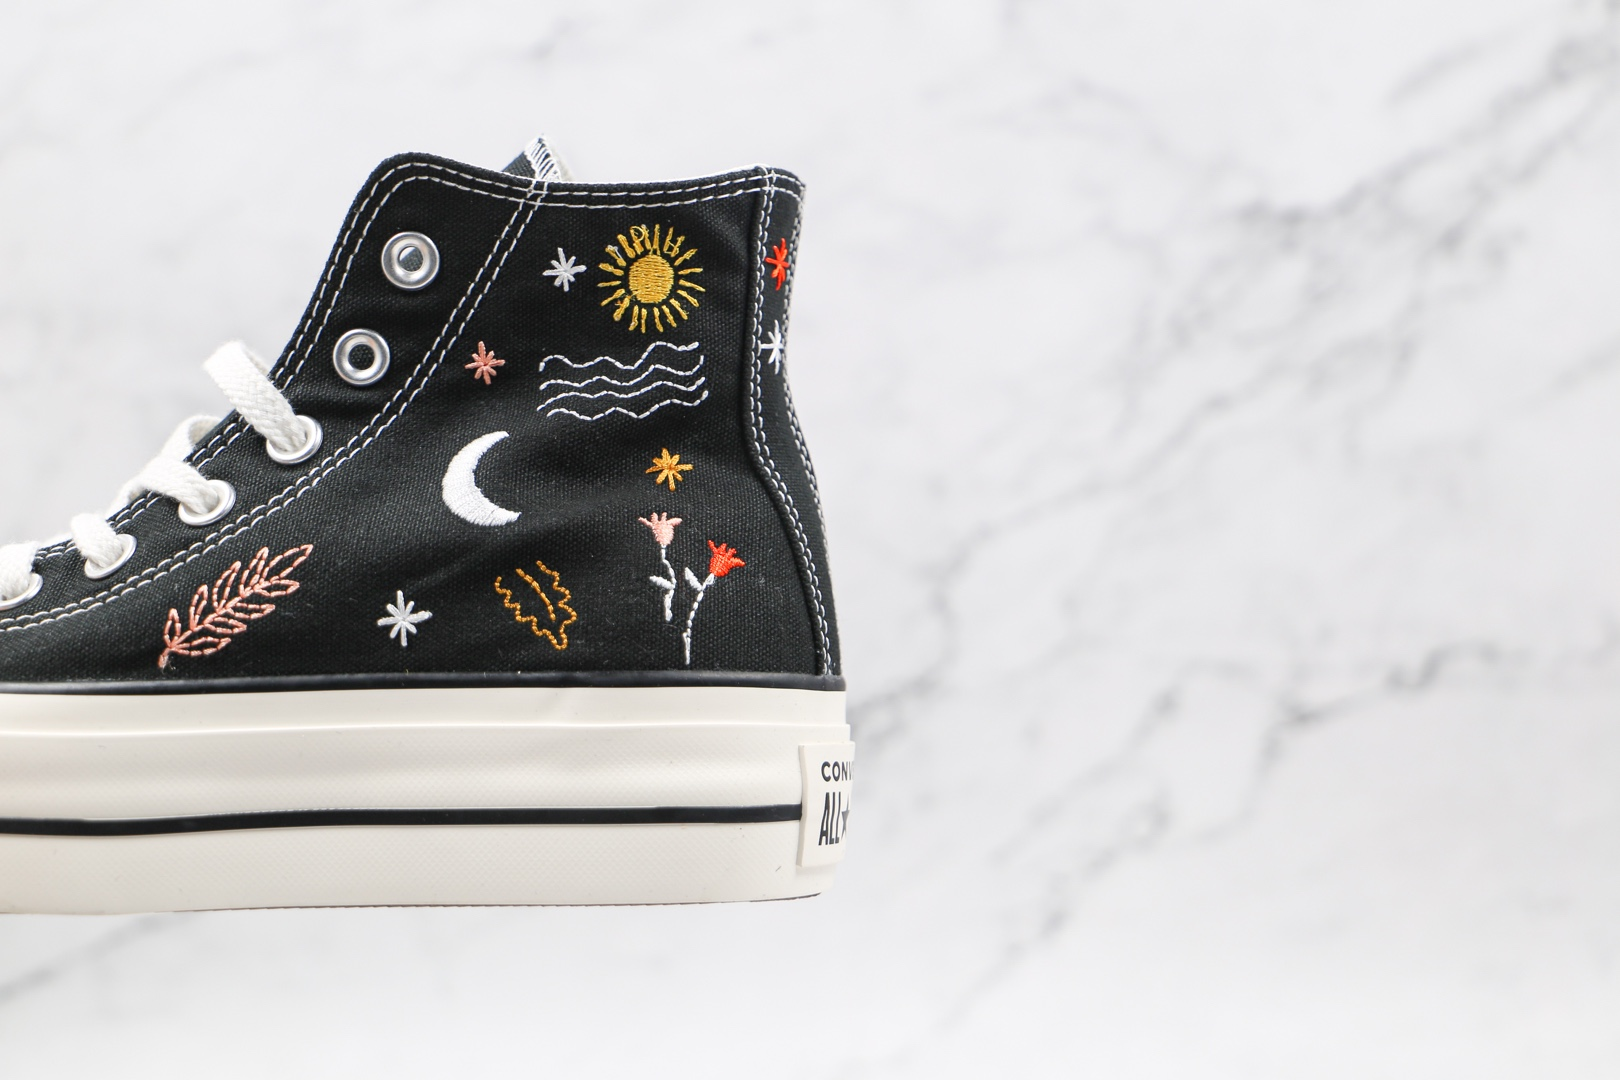 匡威CONVERSE 1970S公司级版本厚底黑色刺绣星辰大海配色硫化板鞋原鞋开模一比一打造 货号:571085C